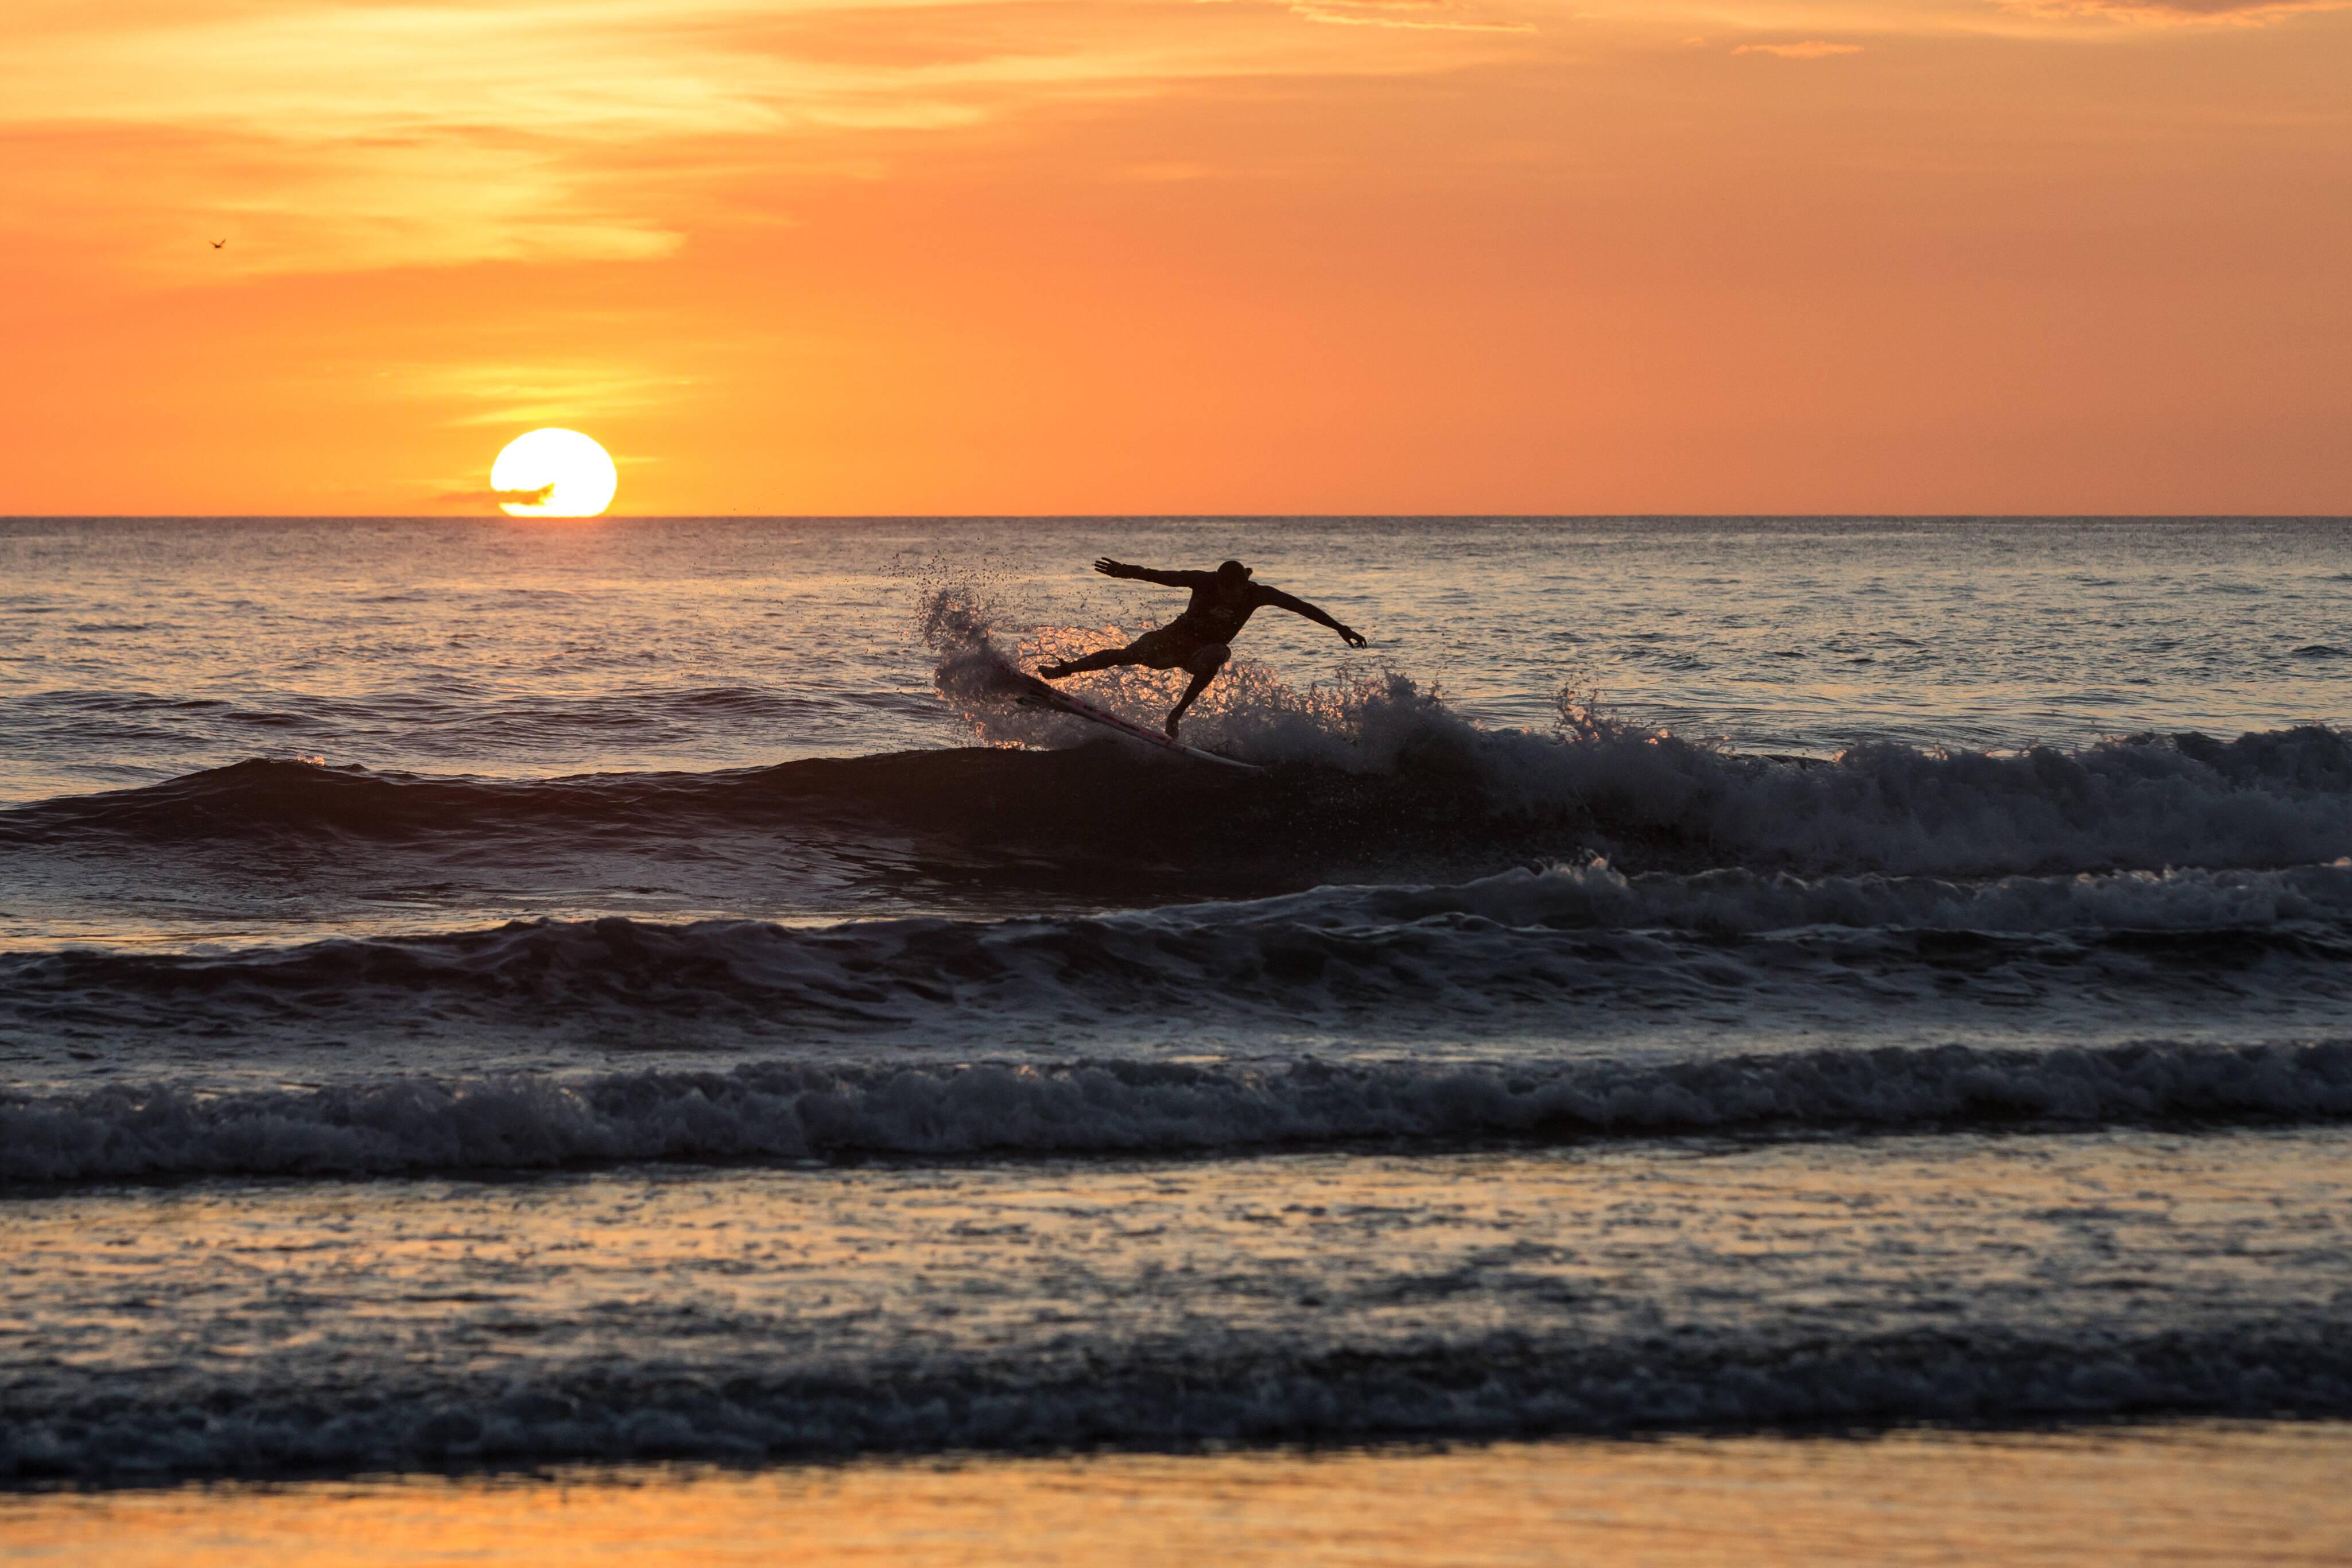 Quem tiver menos experiência no esporte pode optar pela Praia Negra - mas tome cuidado com o litoral rochoso. Foto: shutterstock